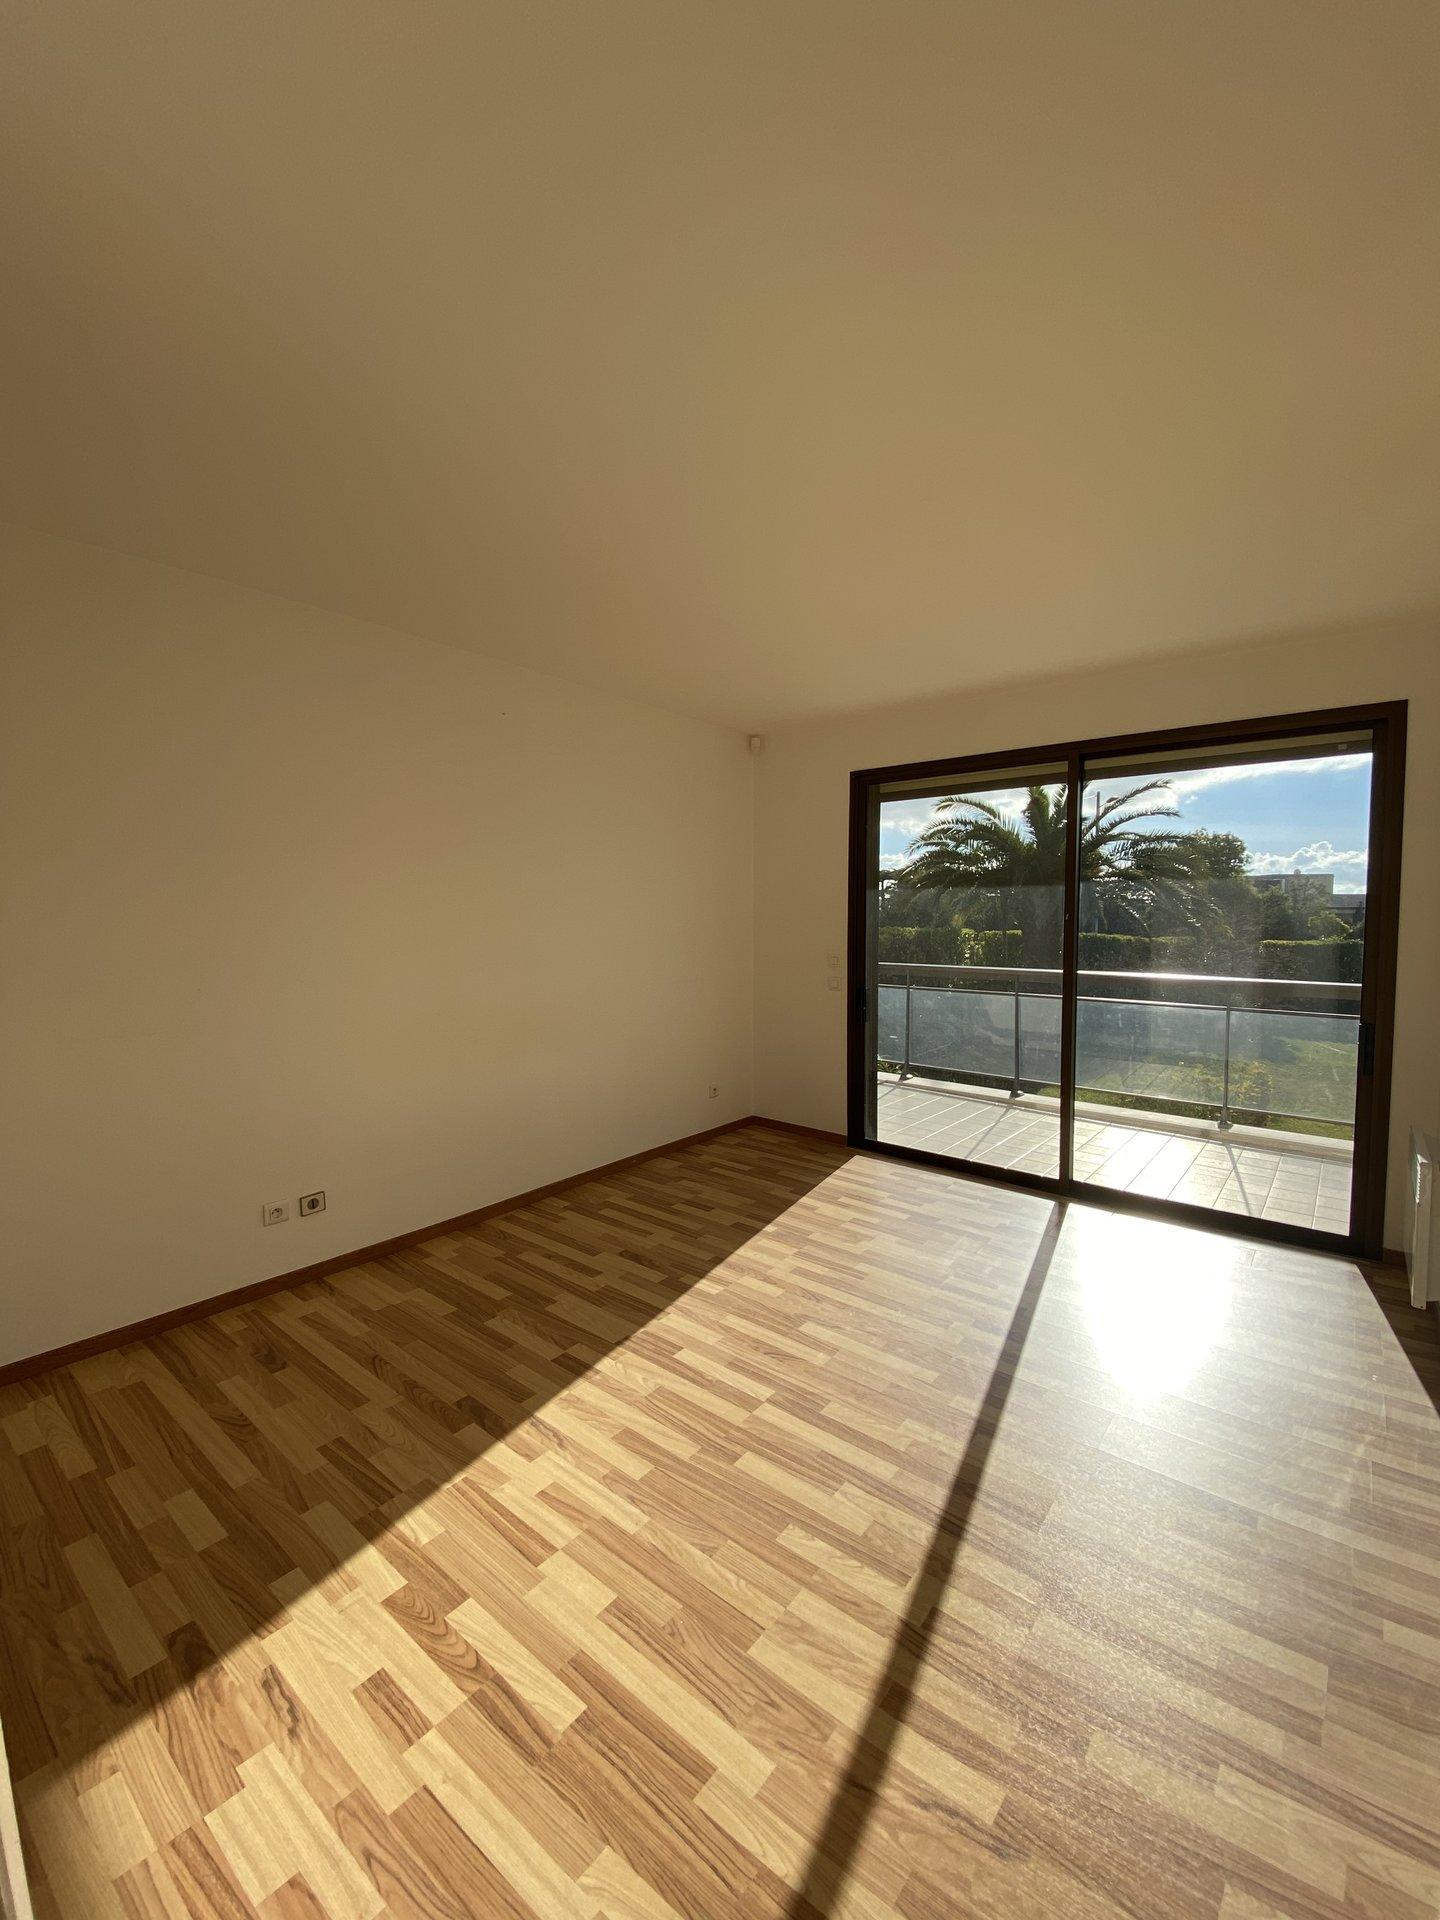 3P de 82 m² + 44 m² de Terrasse (Croix des gardes)